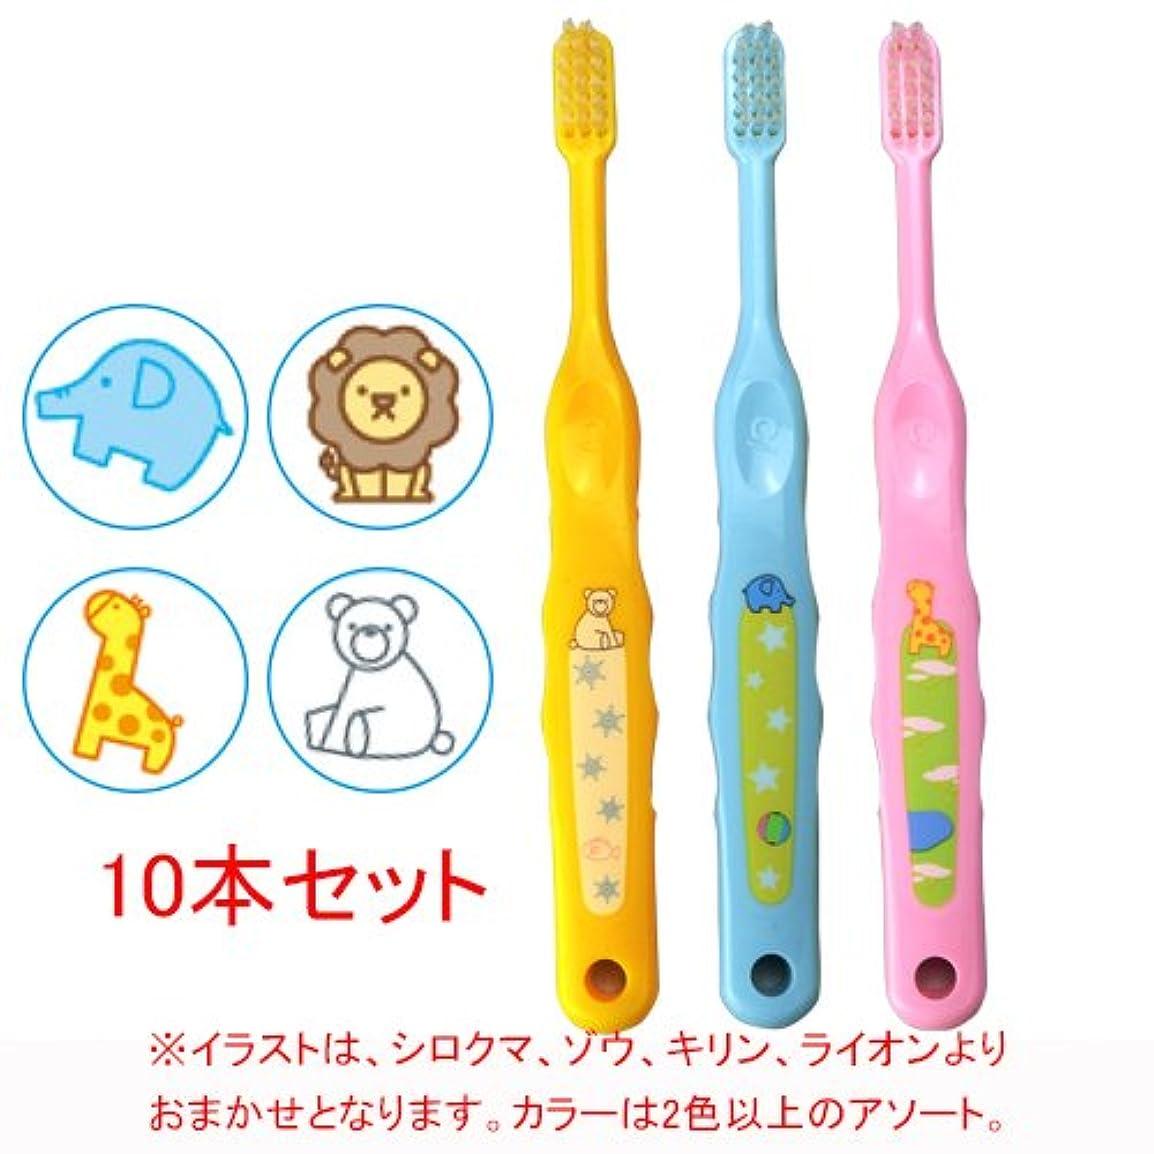 ダンプスカープドラムCiメディカル Ci なまえ歯ブラシ 503 (やわらかめ) (乳児~小学生向)10本